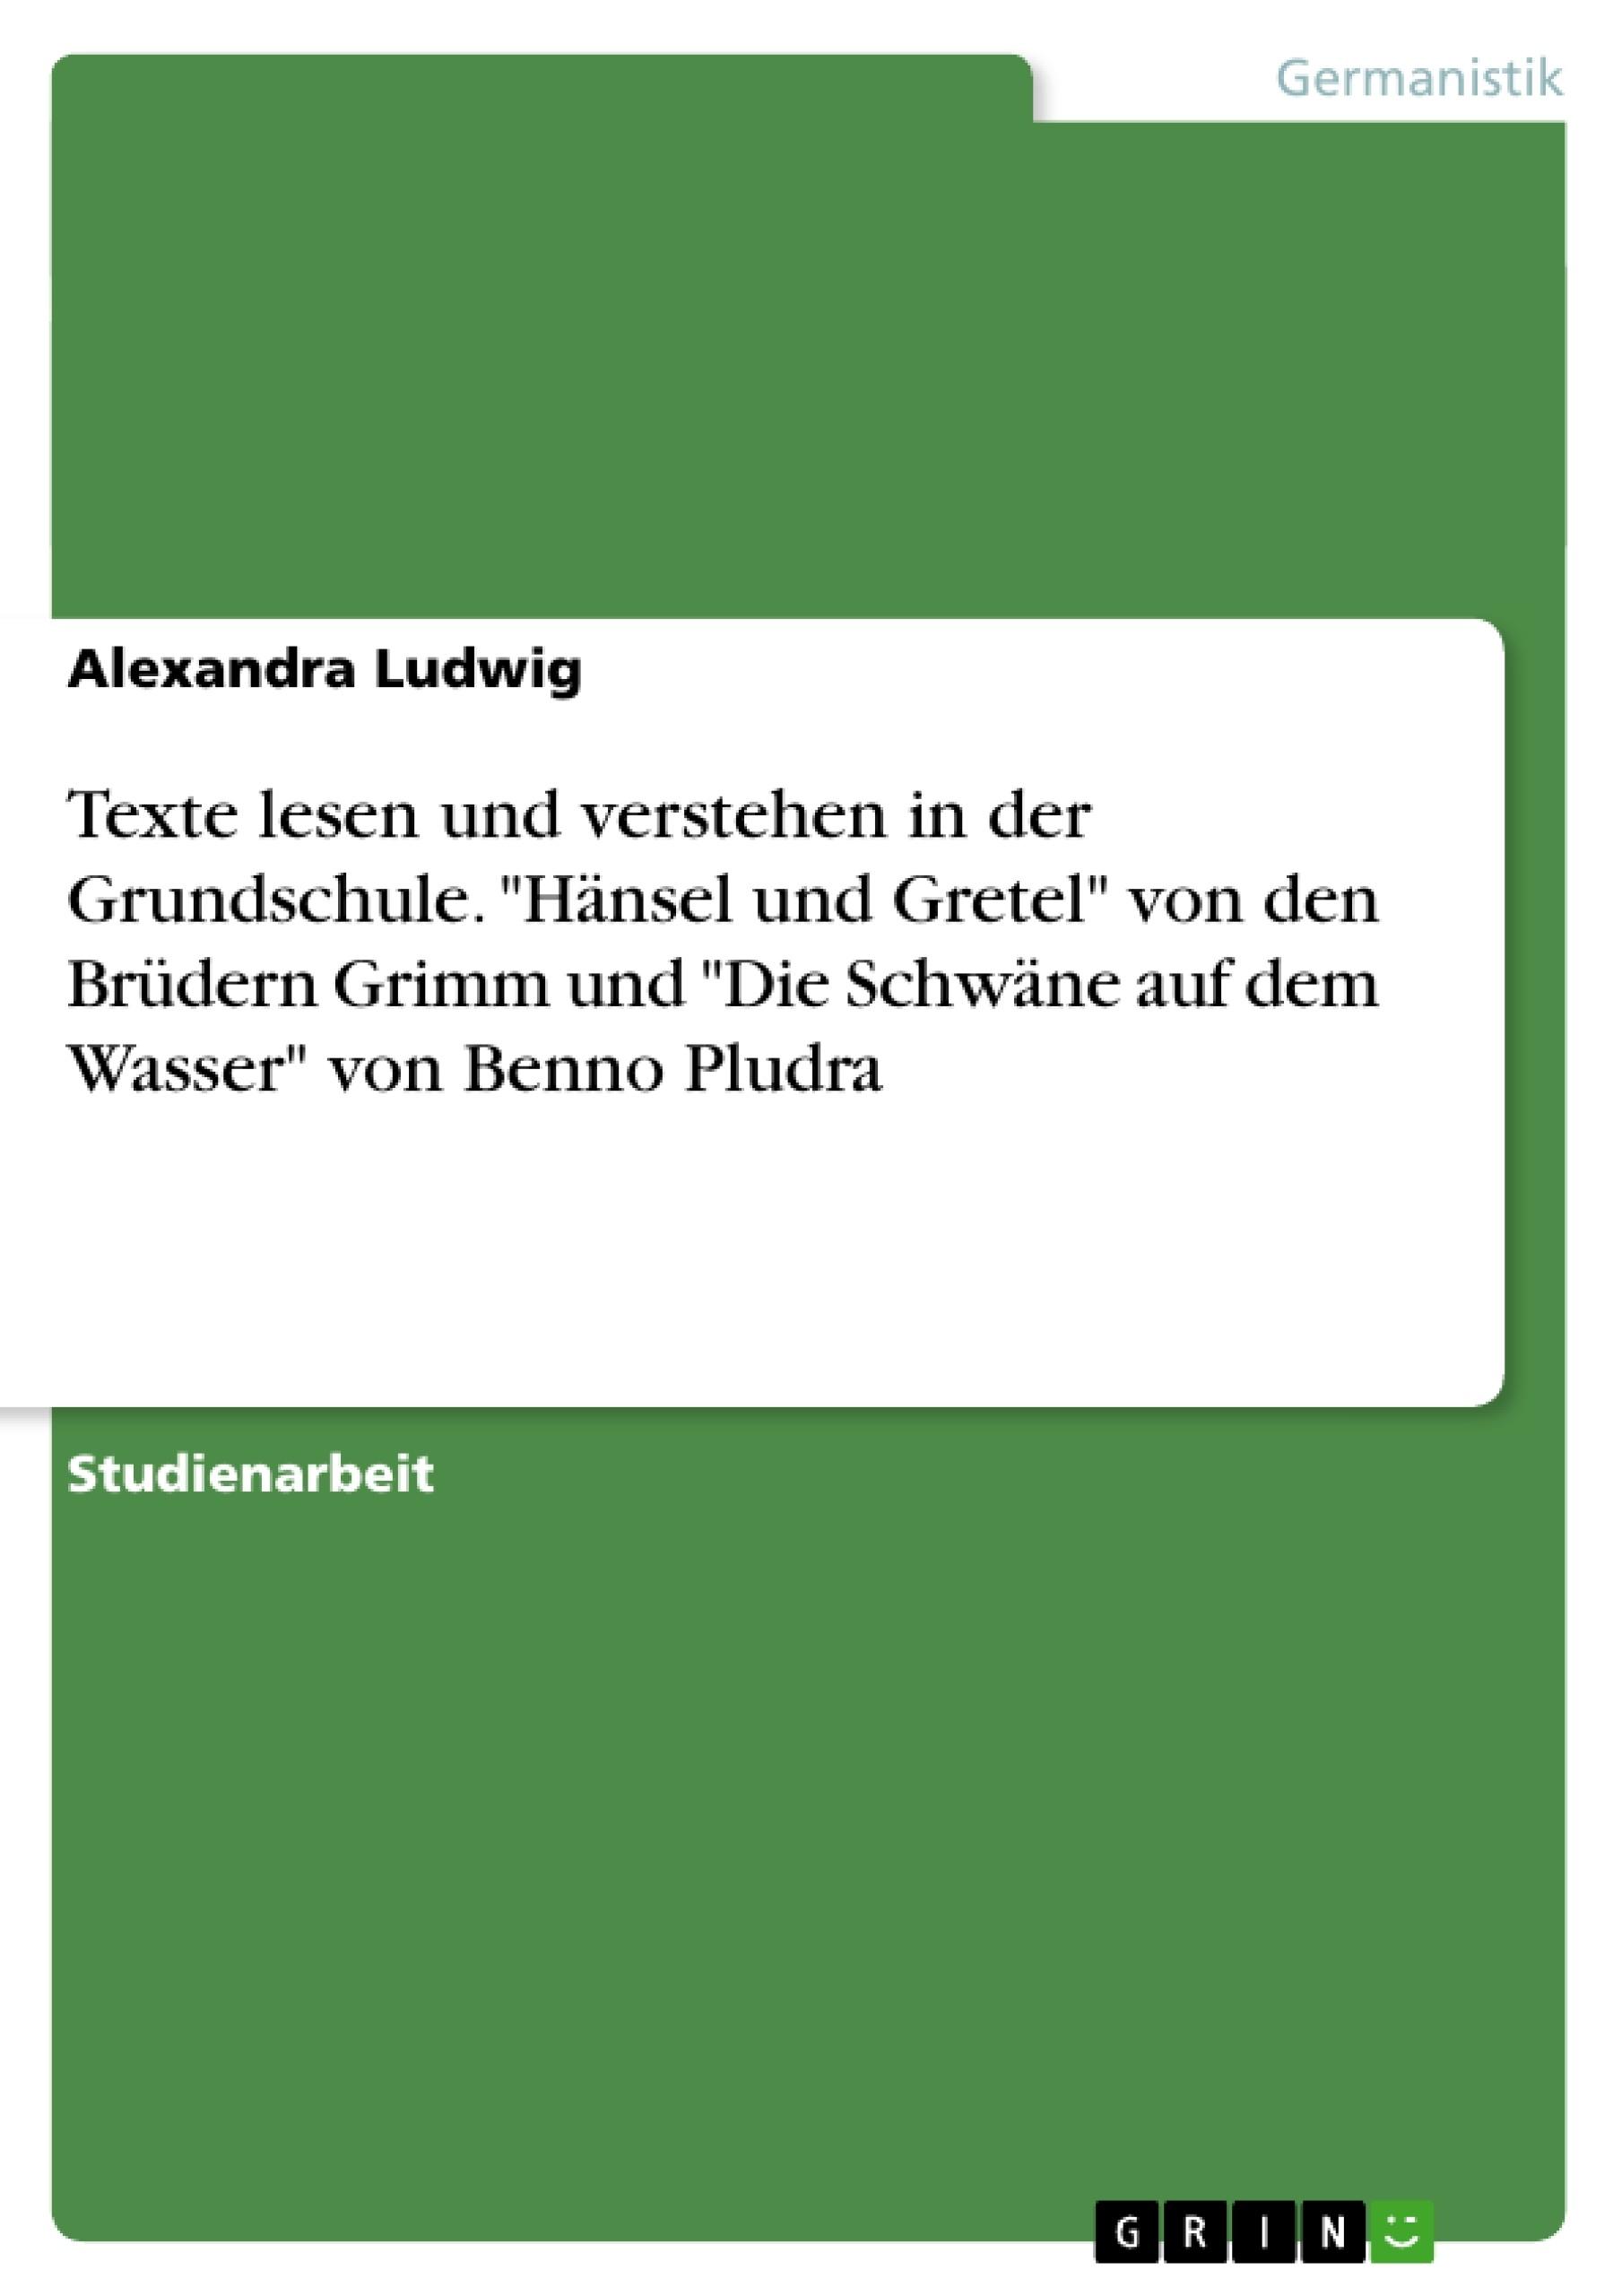 """Titel: Texte lesen und verstehen in der Grundschule. """"Hänsel und Gretel"""" von den Brüdern Grimm und """"Die Schwäne auf dem Wasser"""" von Benno Pludra"""